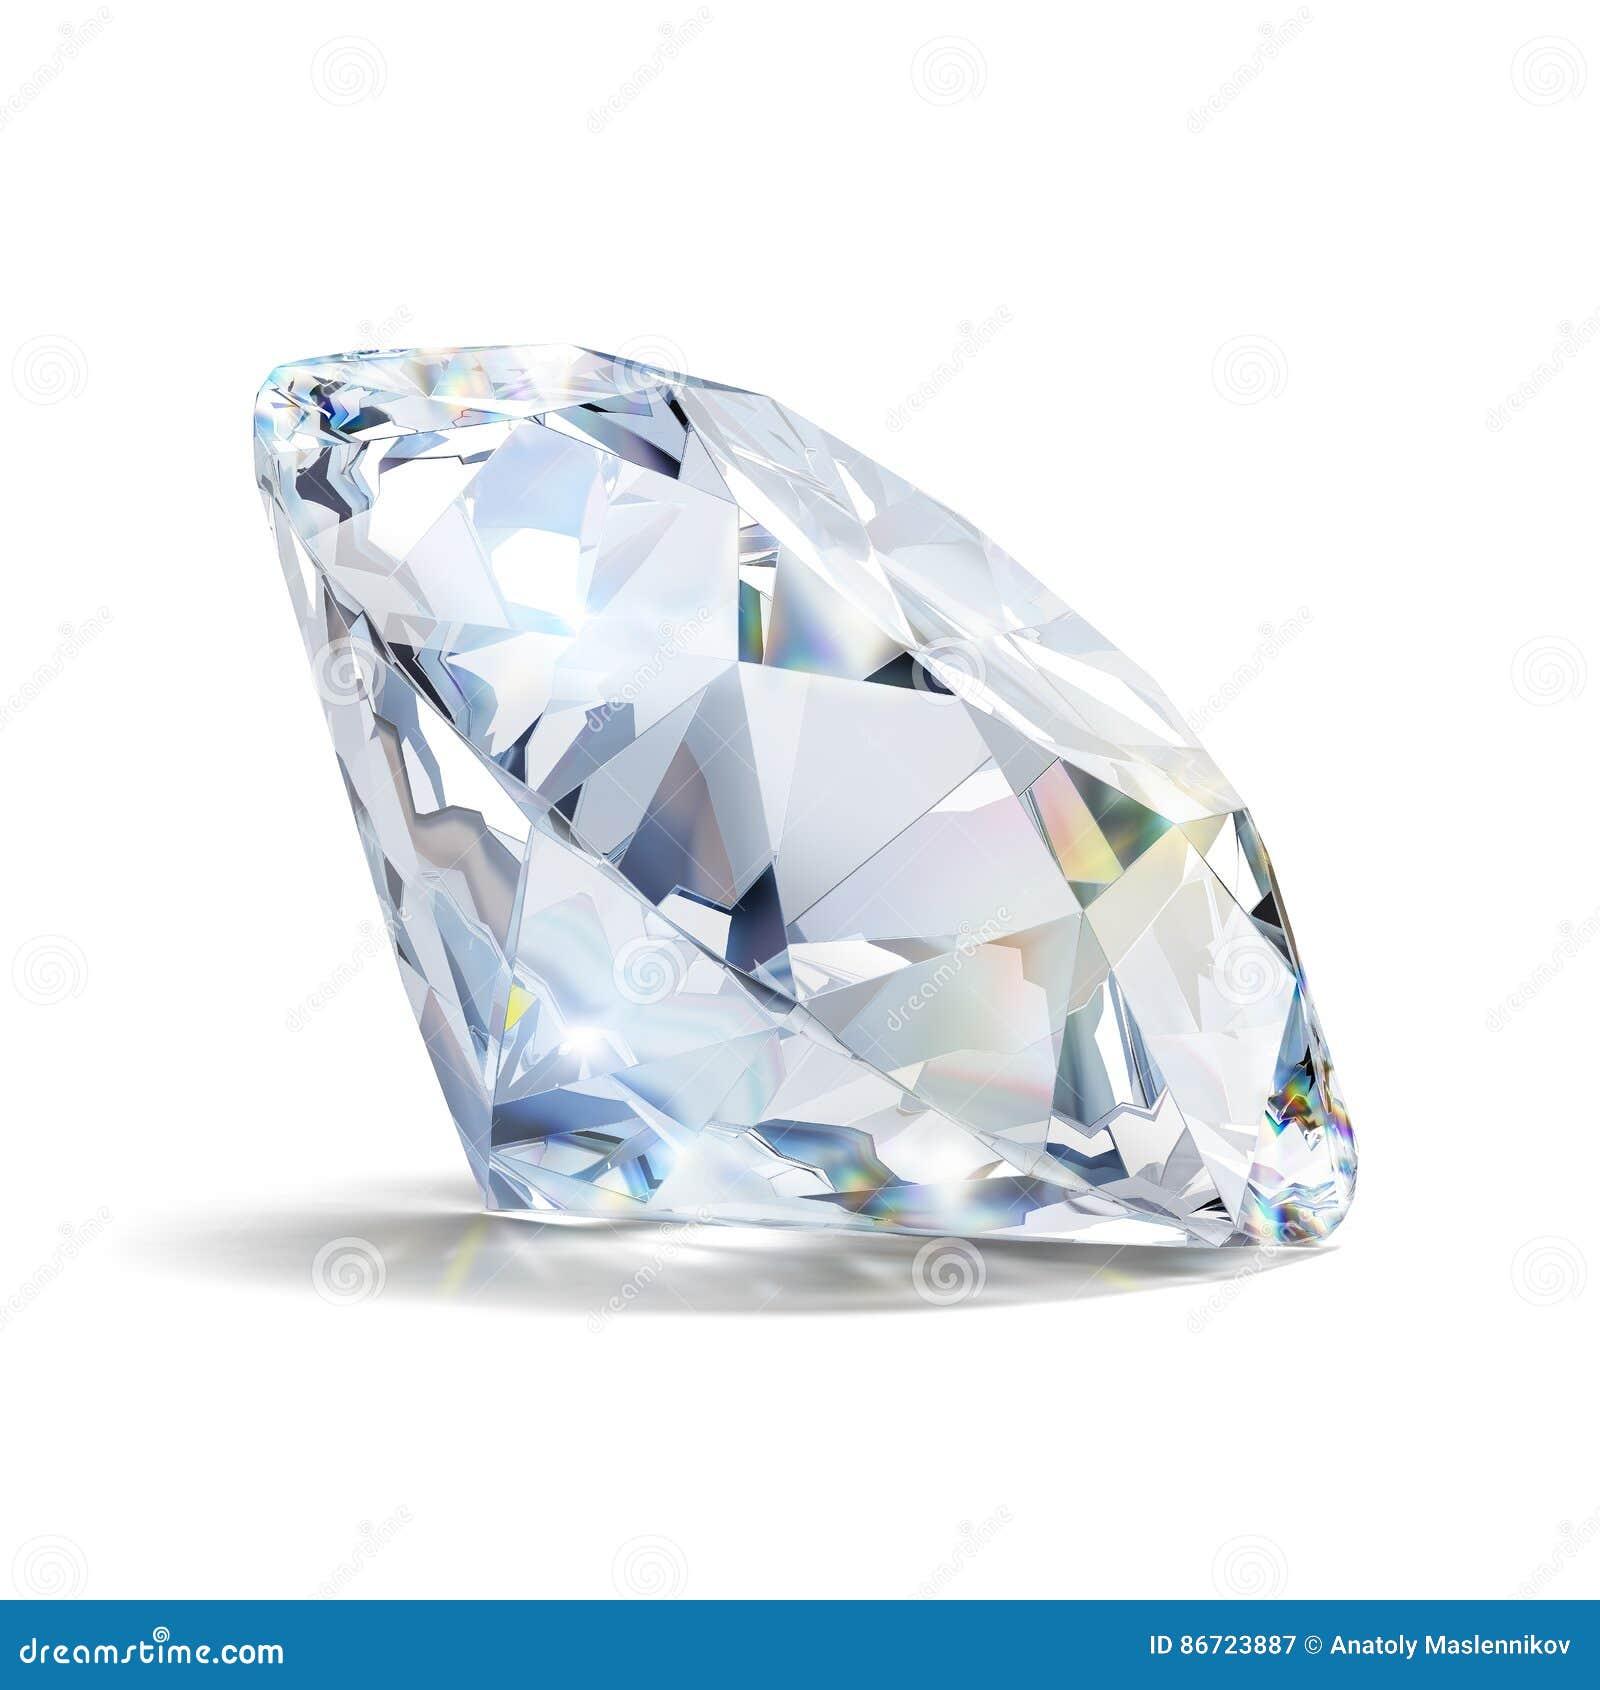 Gorgeous diamond